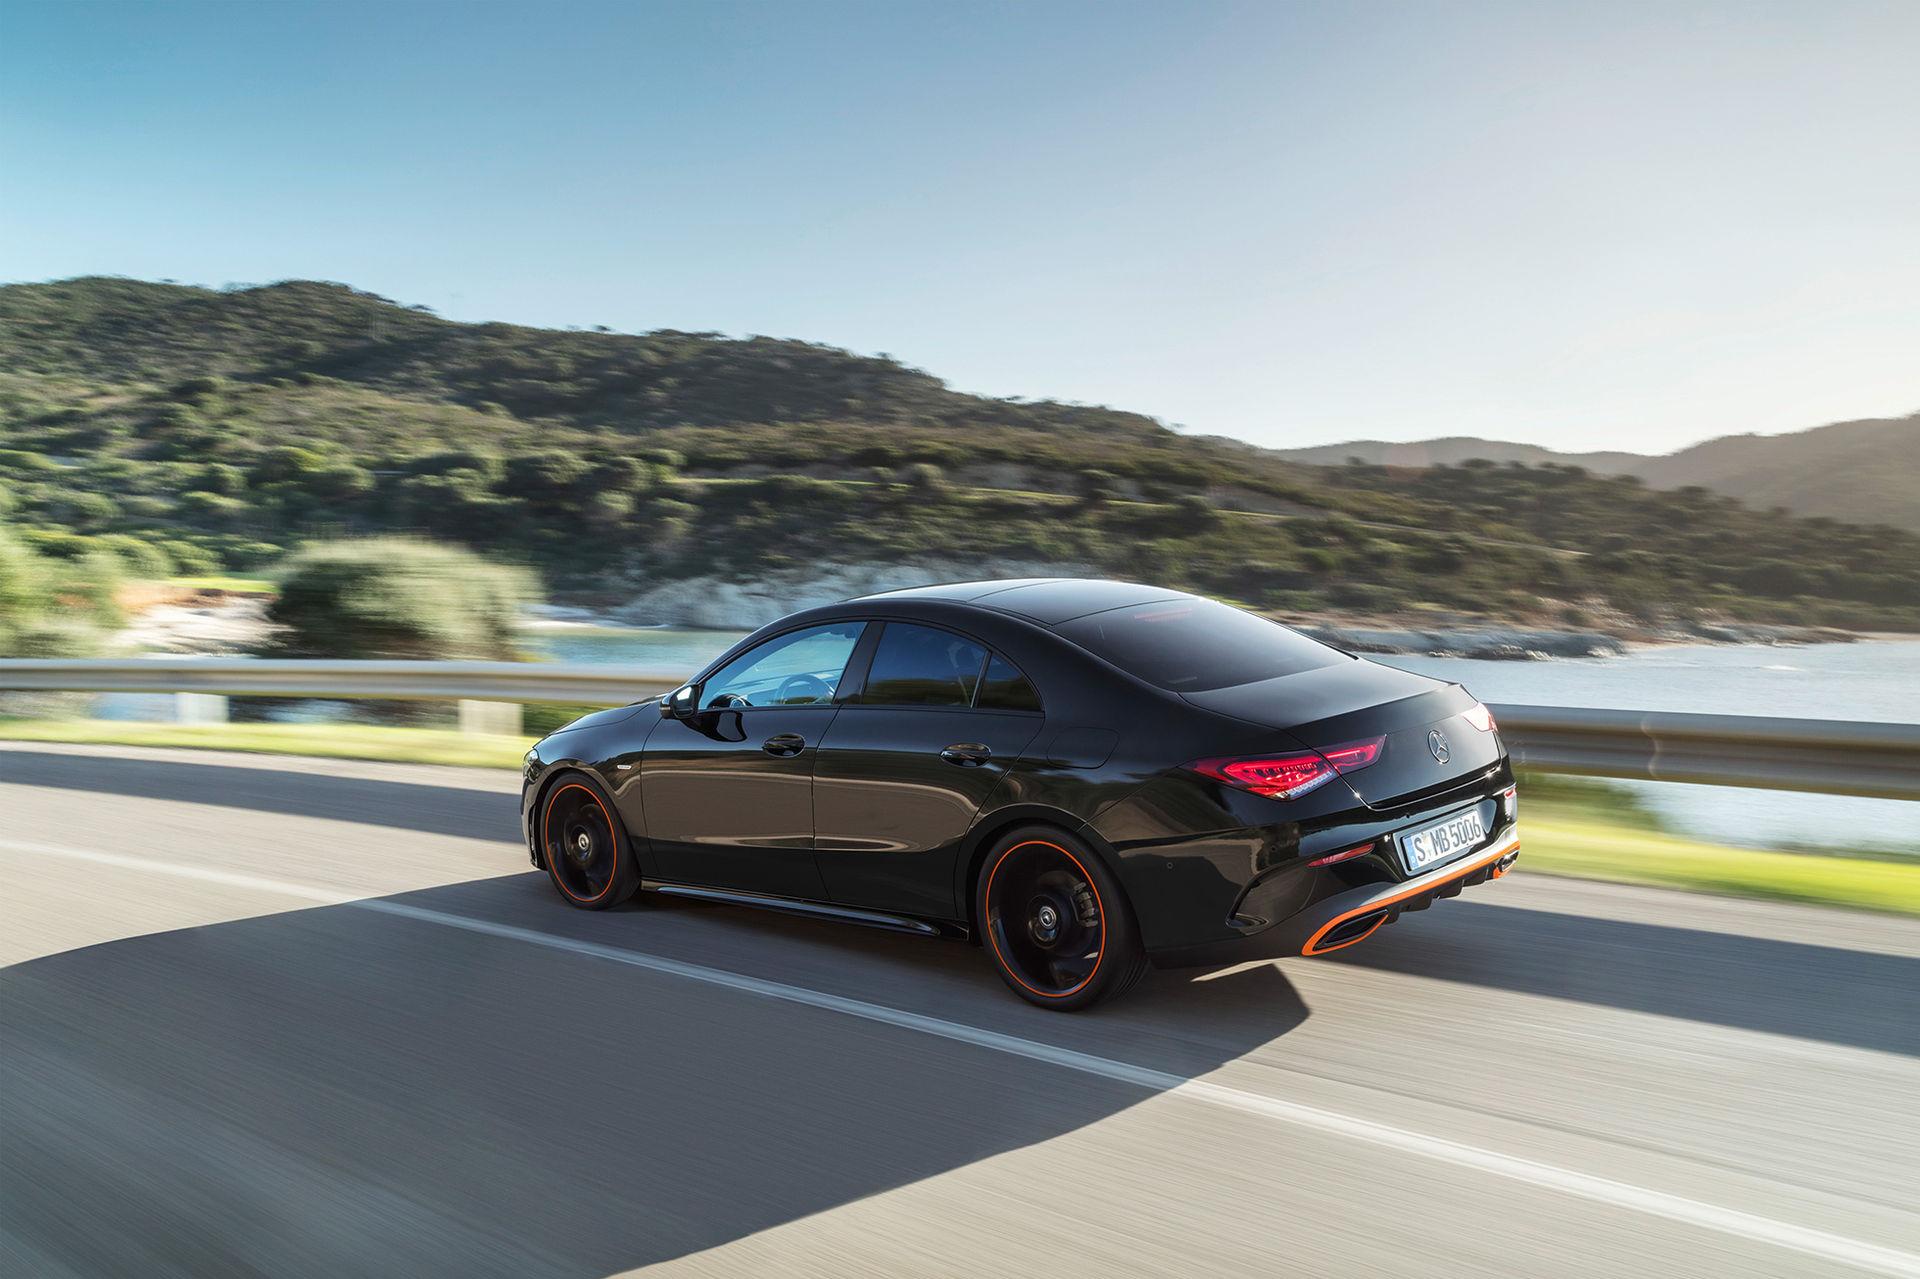 Nya Mercedes CLA Coupé blir din för 285.900 kronor